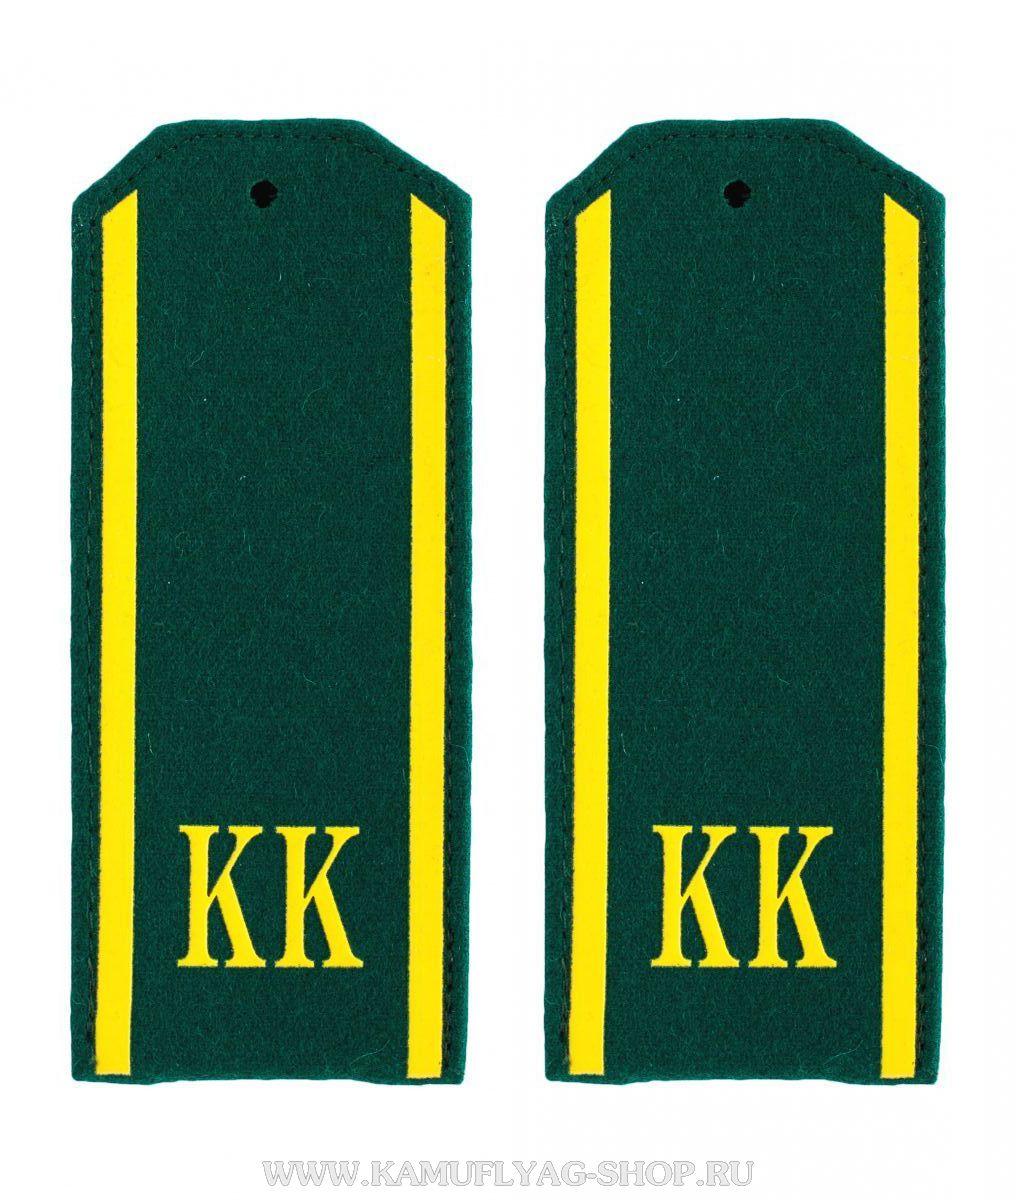 Погоны КК (зеленое сукно), (пара)